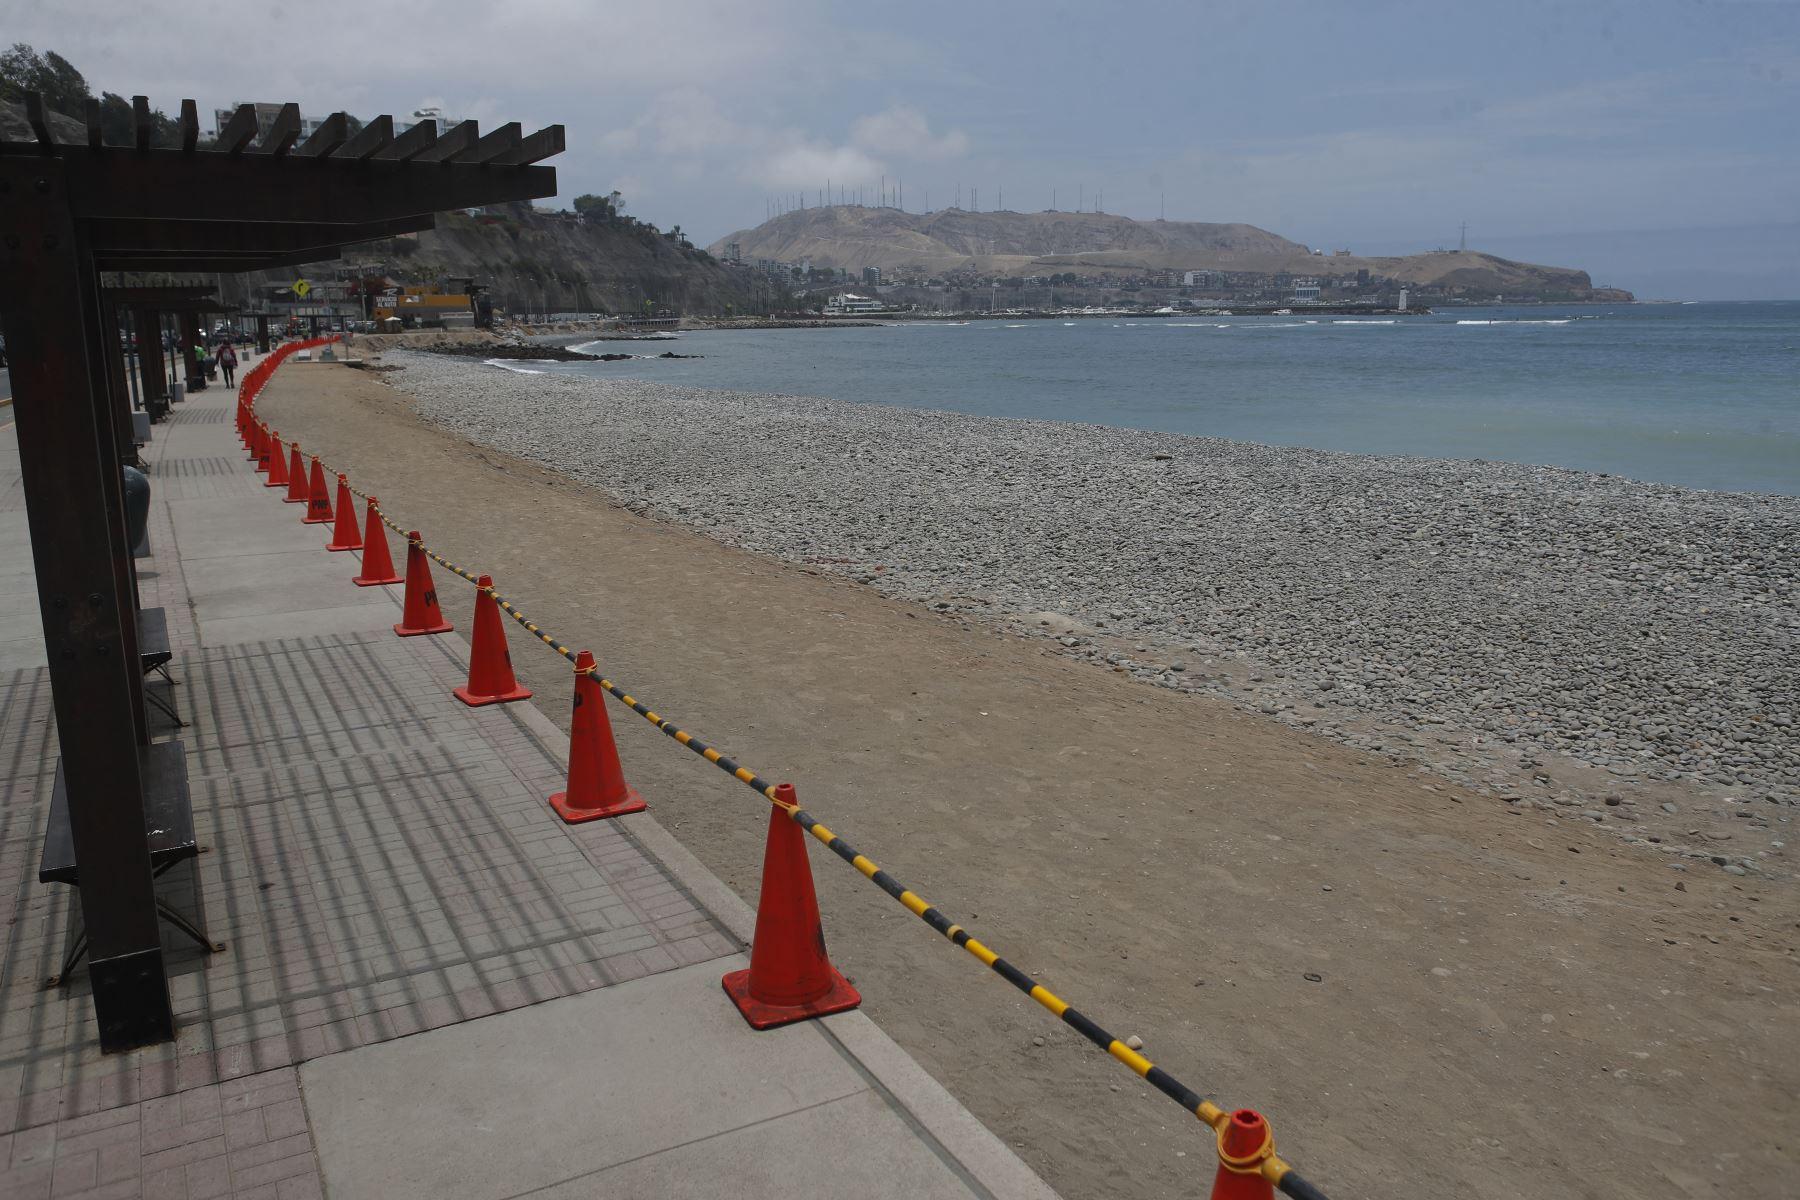 Restricción en las playas de la Costa Verde. Foto: ANDINA/Renato Pajuelo